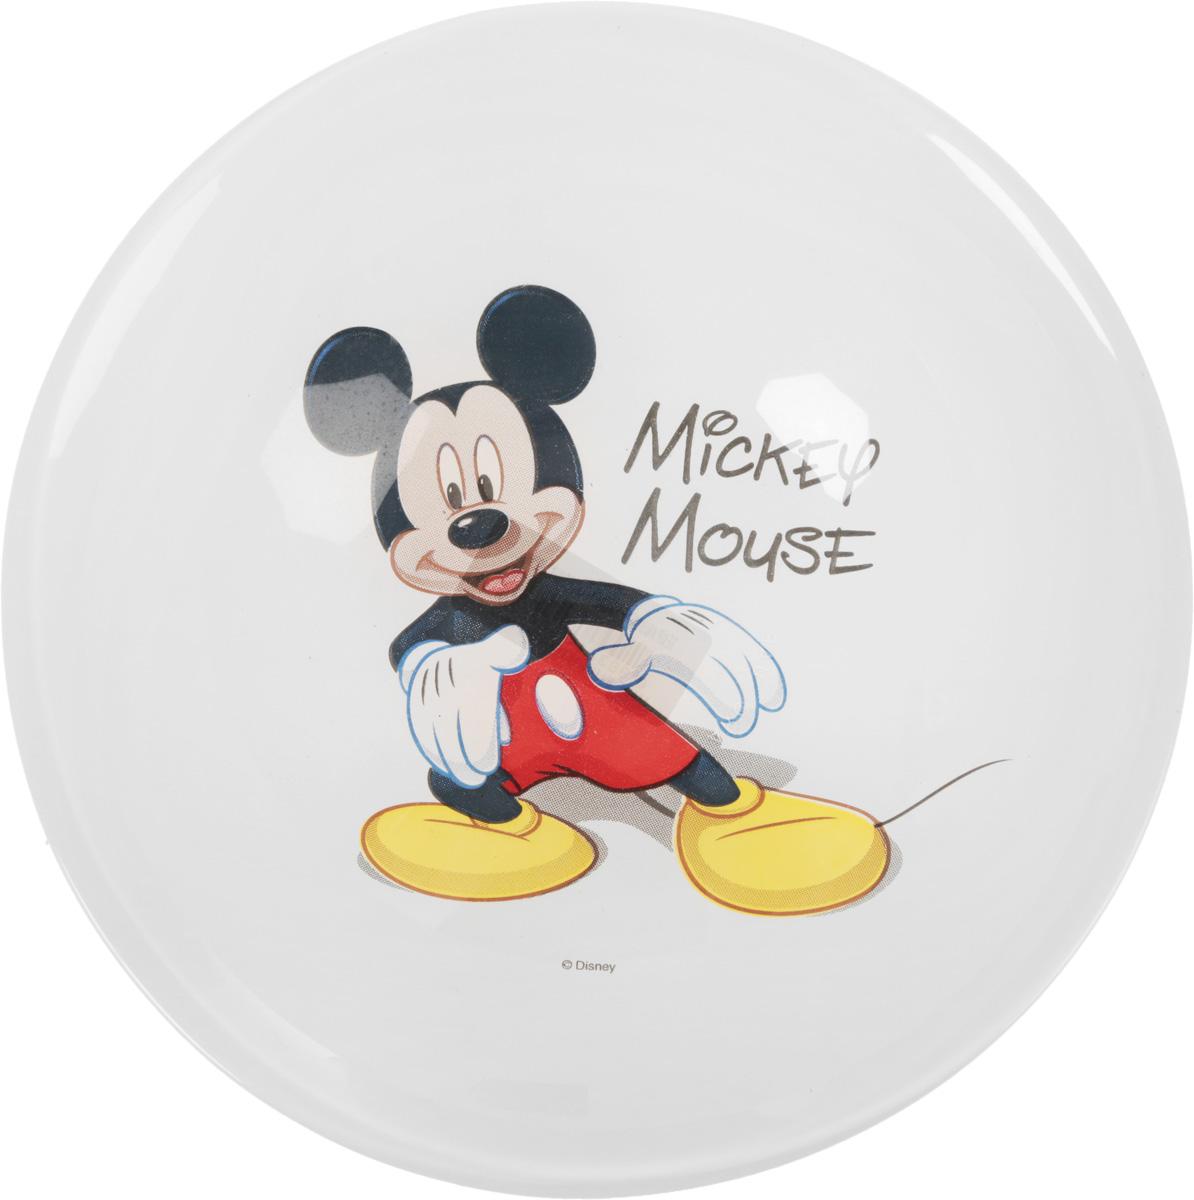 Салатник Luminarc Disney Colors Mickey, диаметр 16,5 см54 009312Салатник Luminarc Disney Colors Mickey, выполненный из ударопрочного стекла, оформлен красочным изображением. Изделие прекрасно подойдет для подачи различных блюд: закусок, салатов или фруктов. Можно мыть в посудомоечной машине.Диаметр (по верхнему краю): 16,5 см.Высота салатника: 5 см.